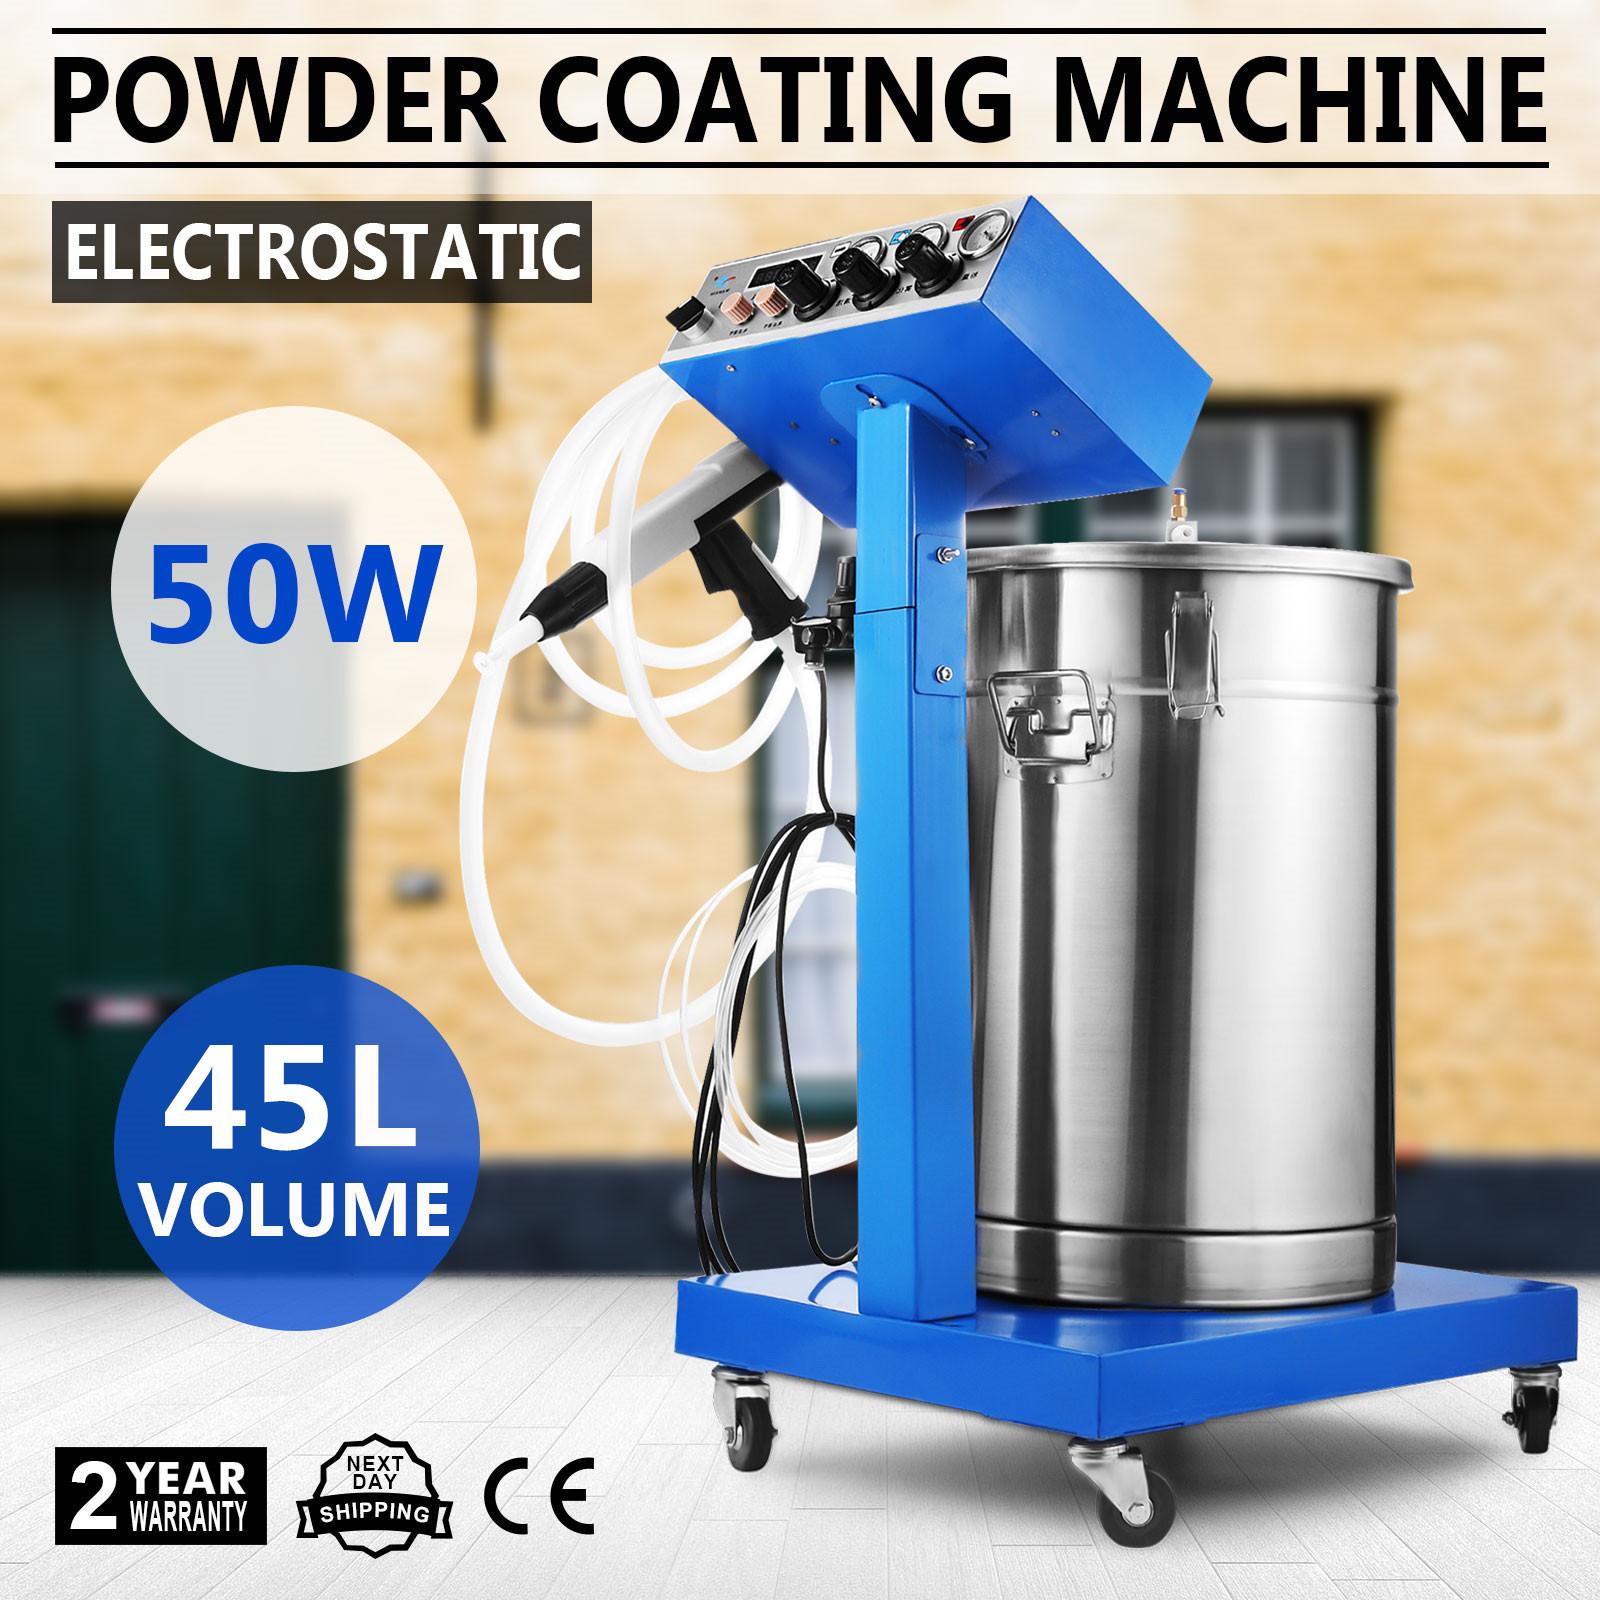 Новая Электростатическая система распыления порошкового покрытия, пулемет для распыления краски, оборудование для порошкового покрытия